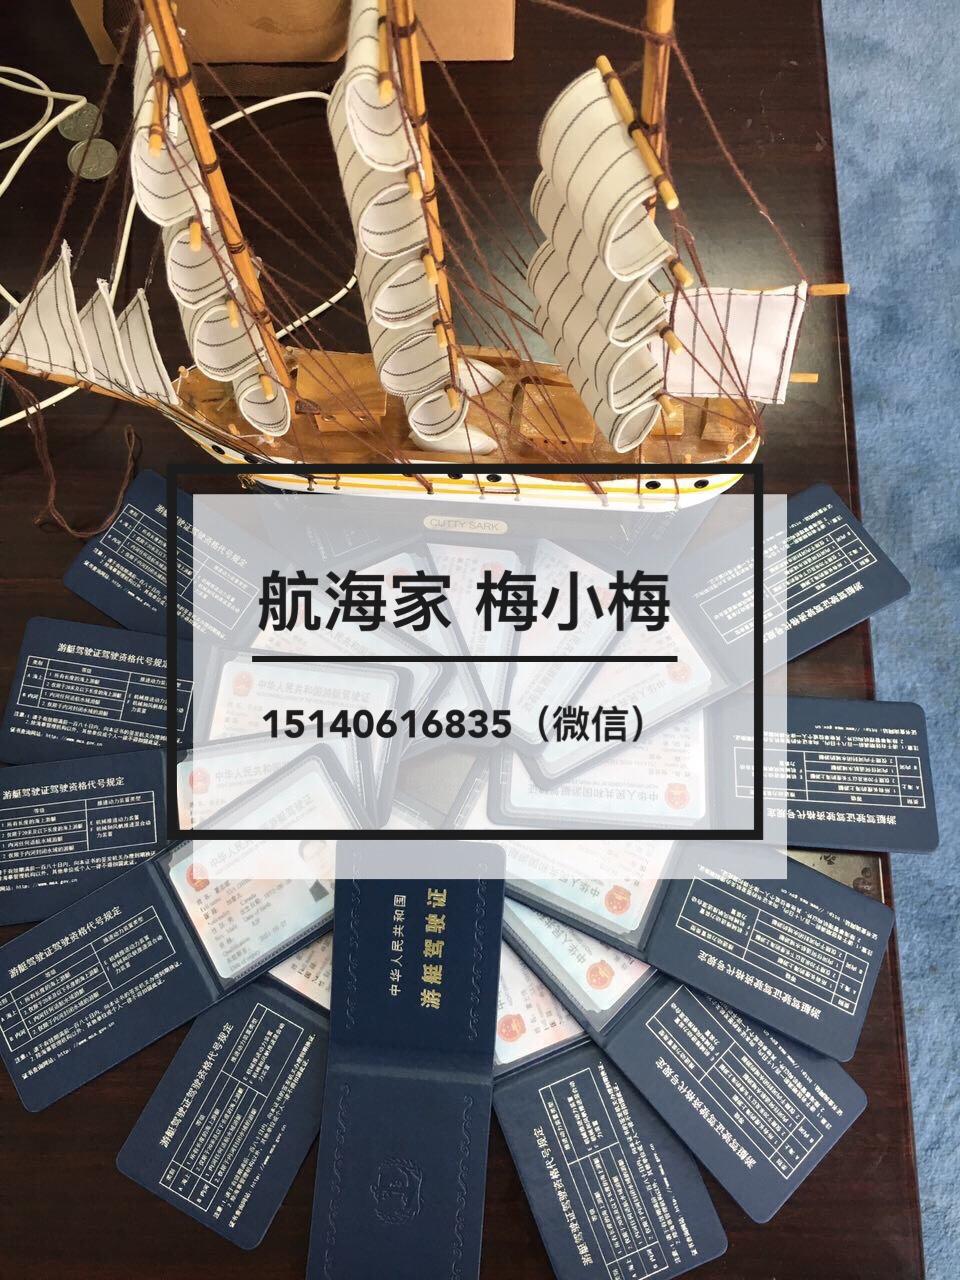 《帆船运动百科》(五) 航海家 梅小梅每天五分钟邀请大家阅读